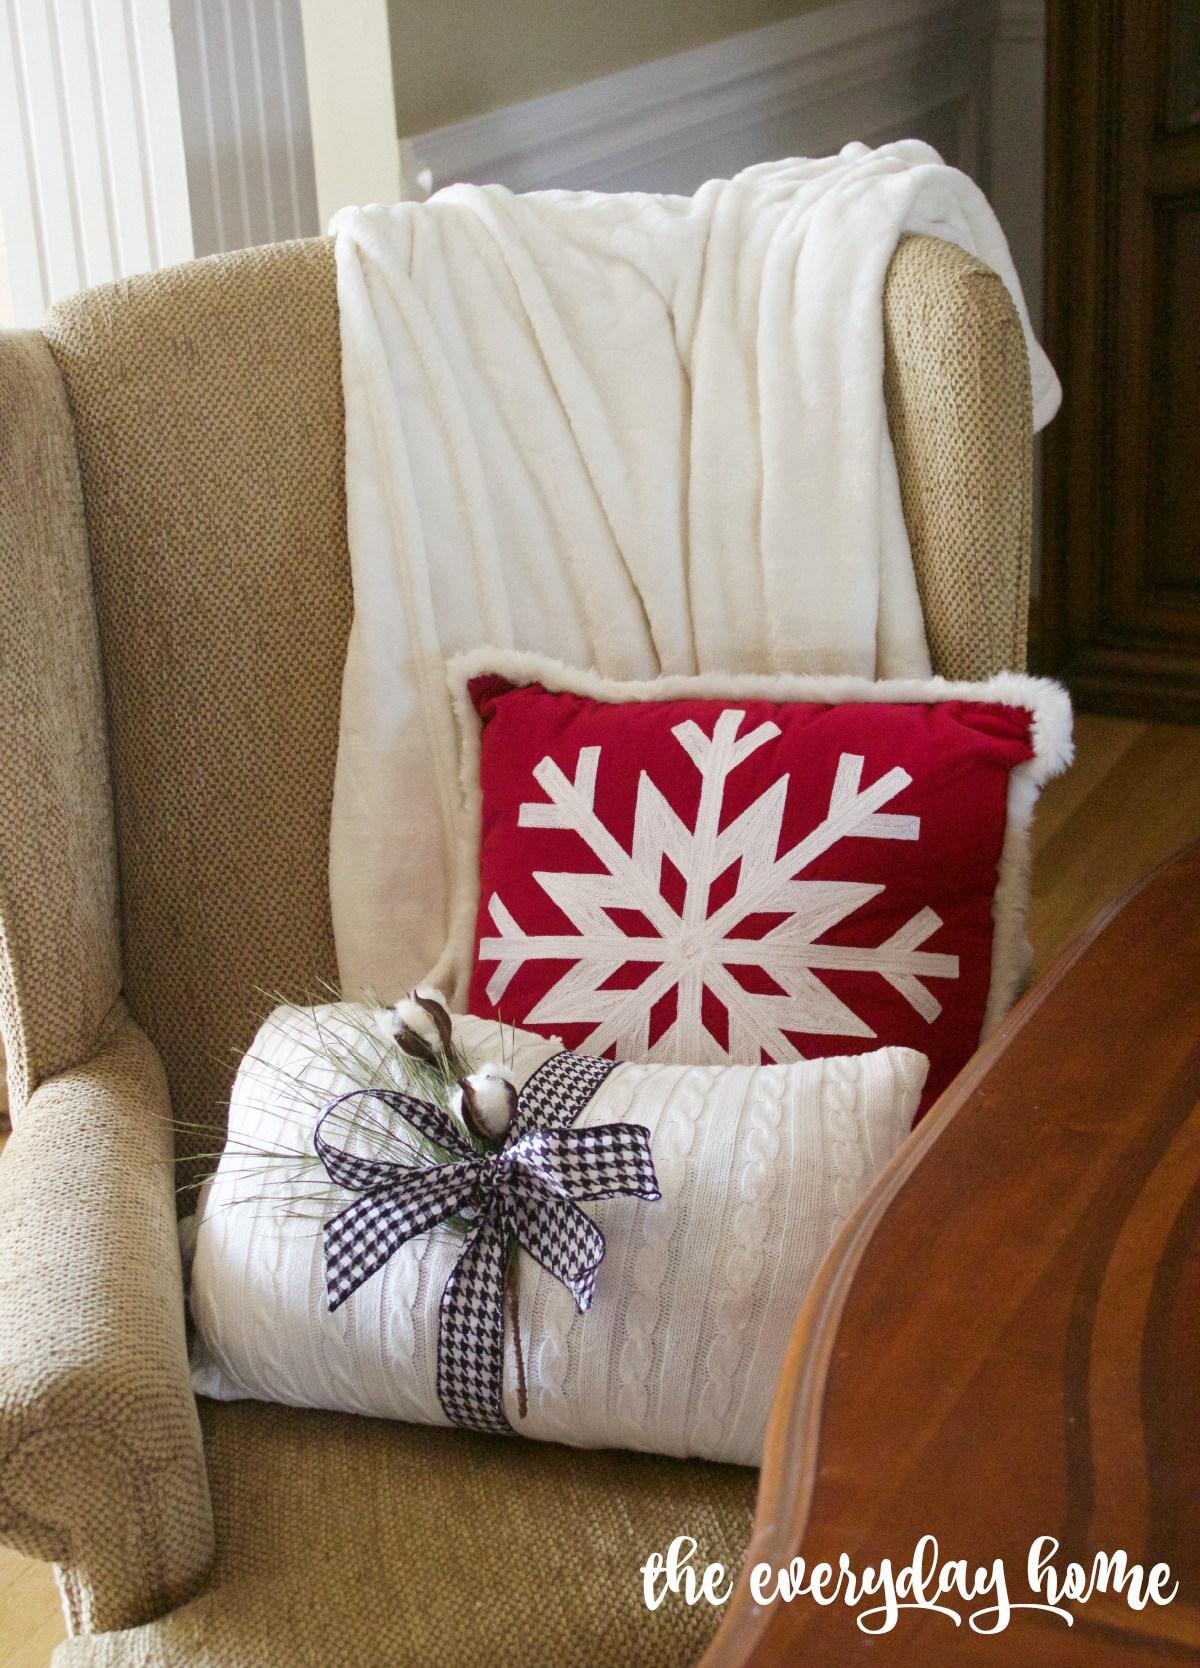 christmas-pillows-2015-christmas-dining-room-tour | The Everyday Home | www.everydayhomeblog.com